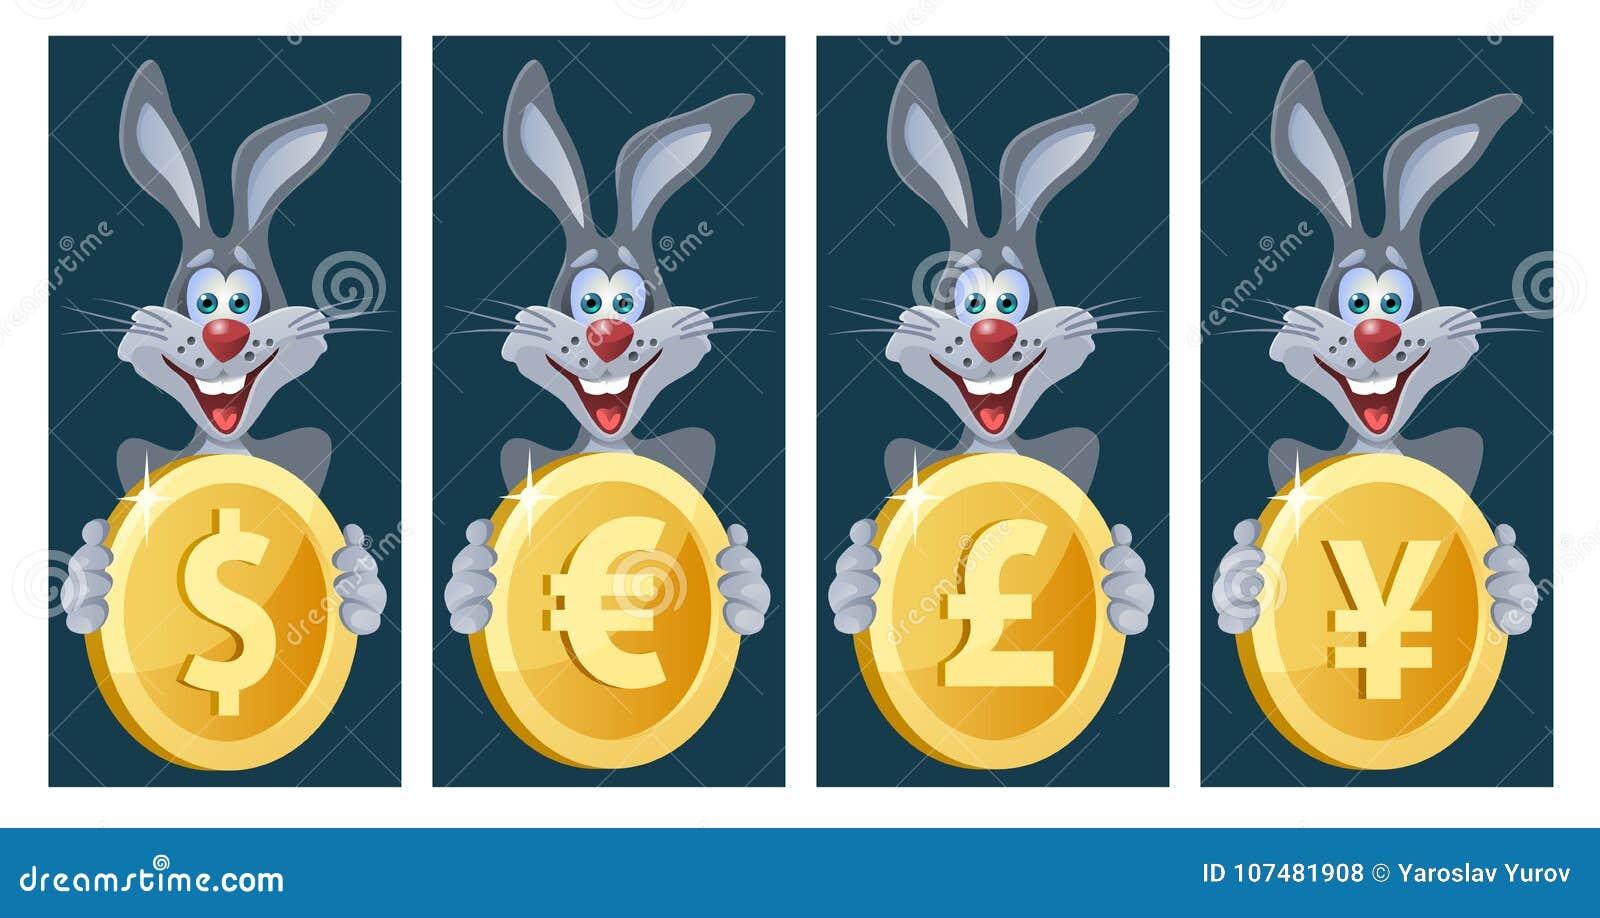 Смешной кролик держит символы различных валют Доллар, евро